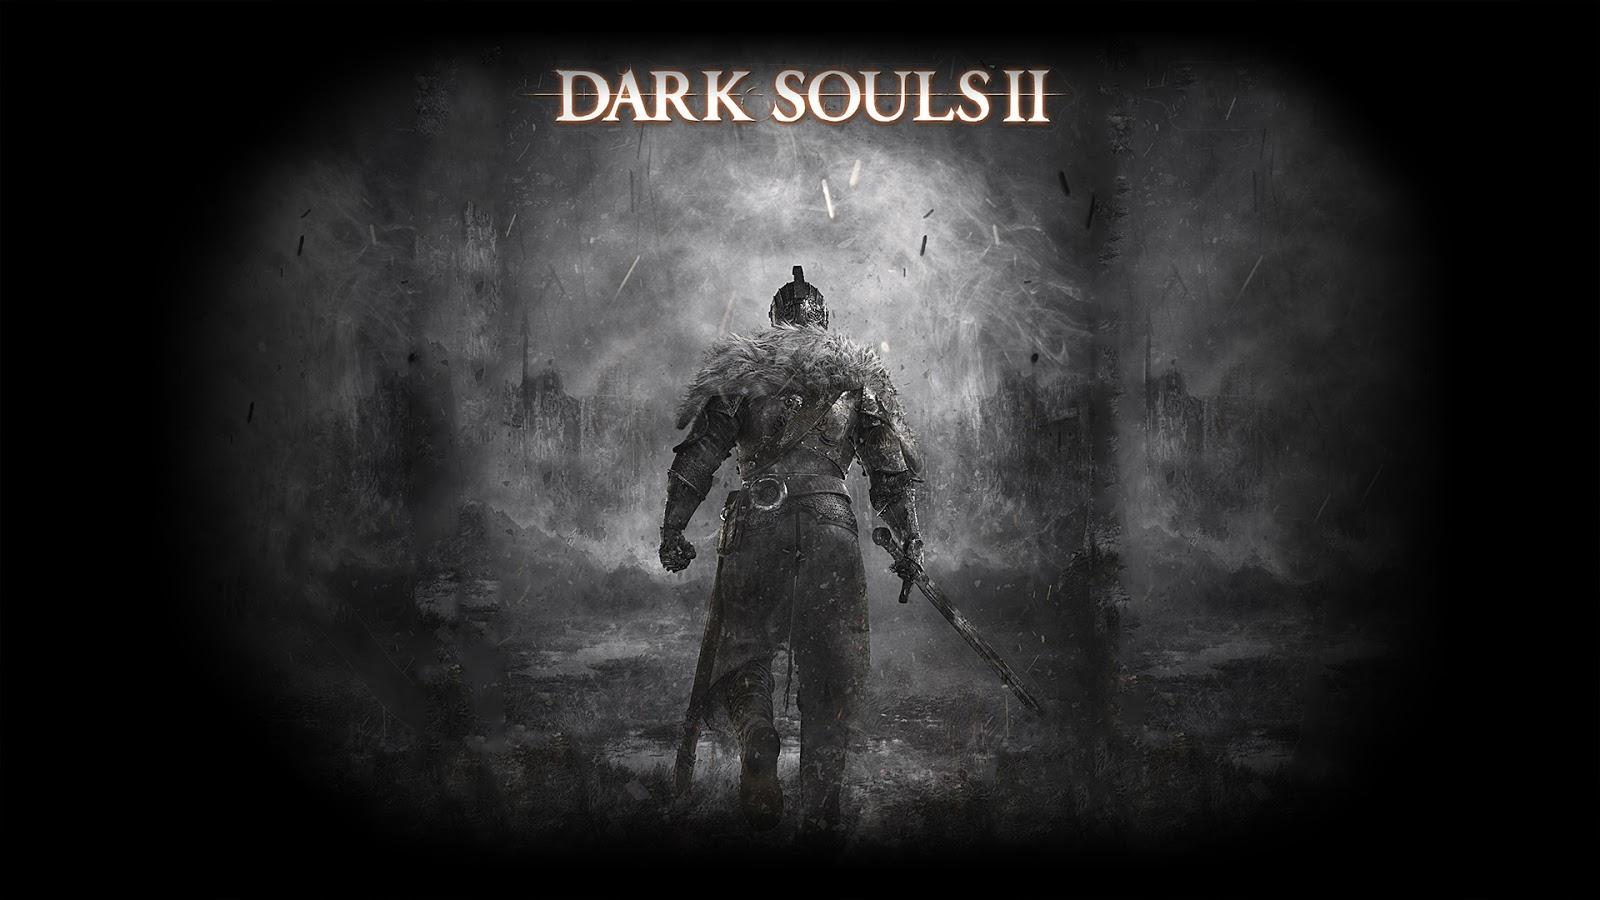 Dark Souls 2 Wallpaper: Top 10 Beautiful Video Game Covers